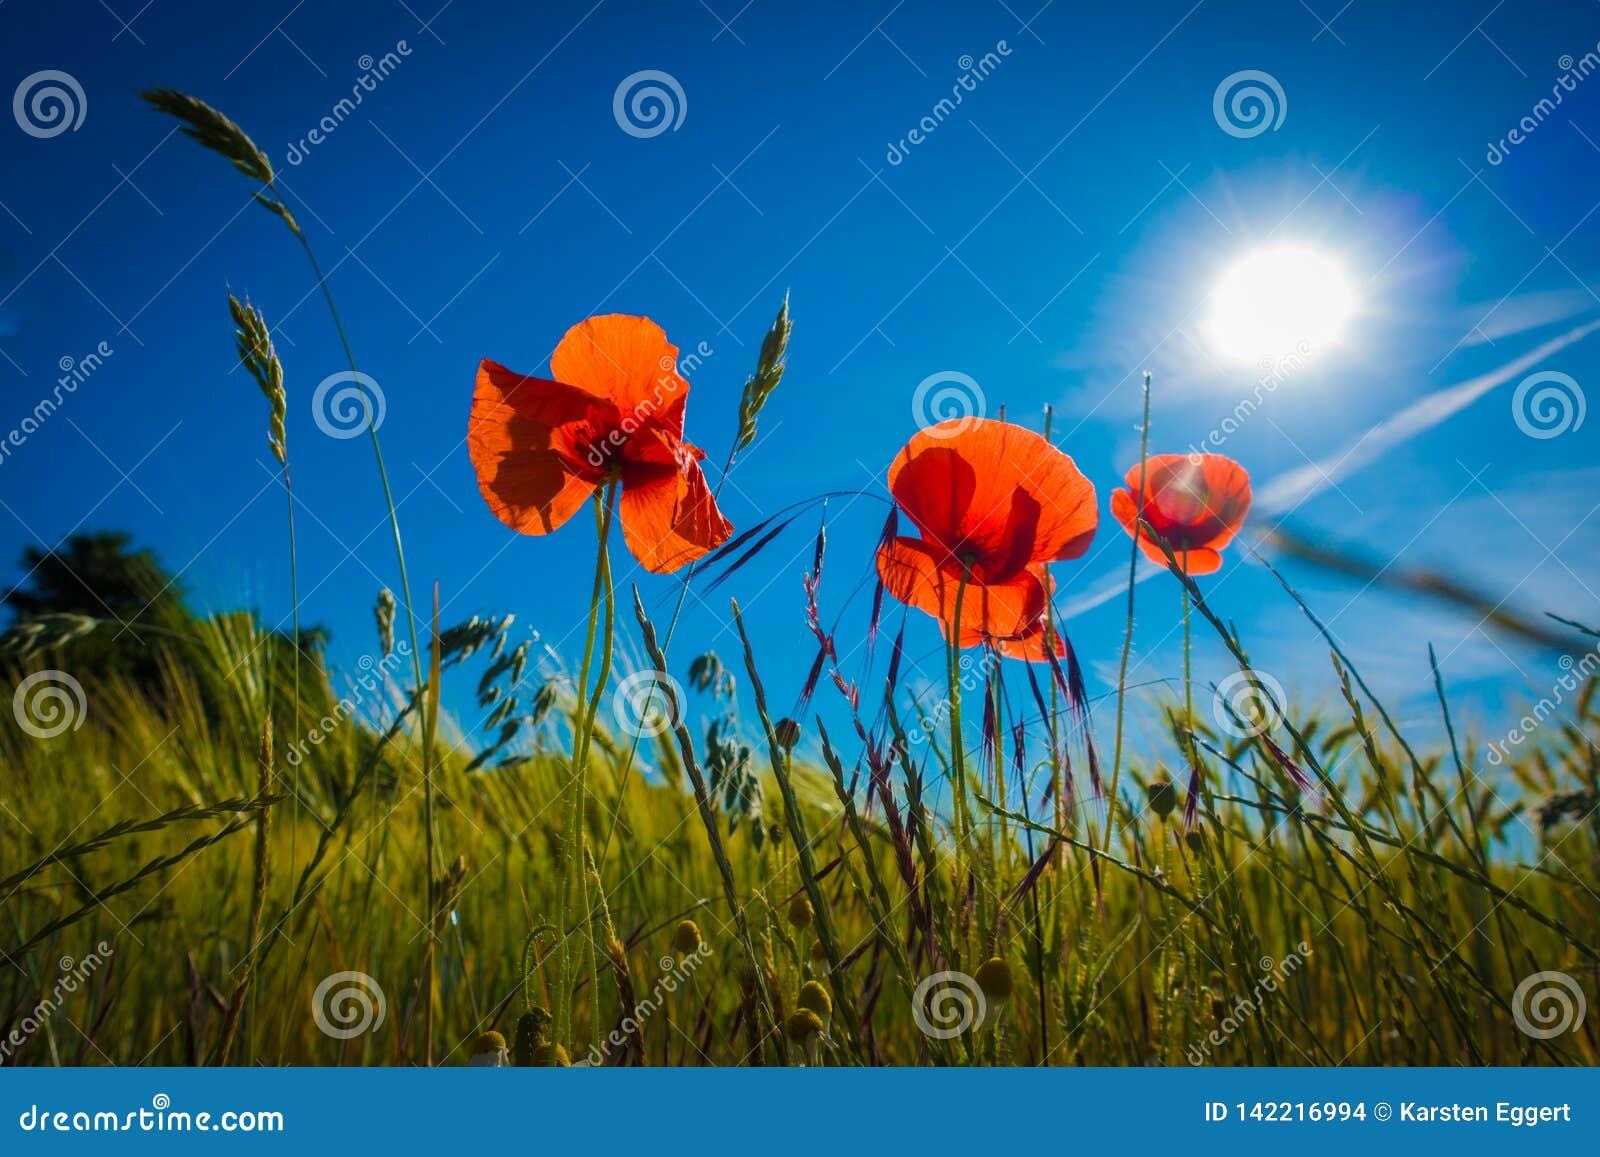 Röda vallmo i en cornfield i solskenet